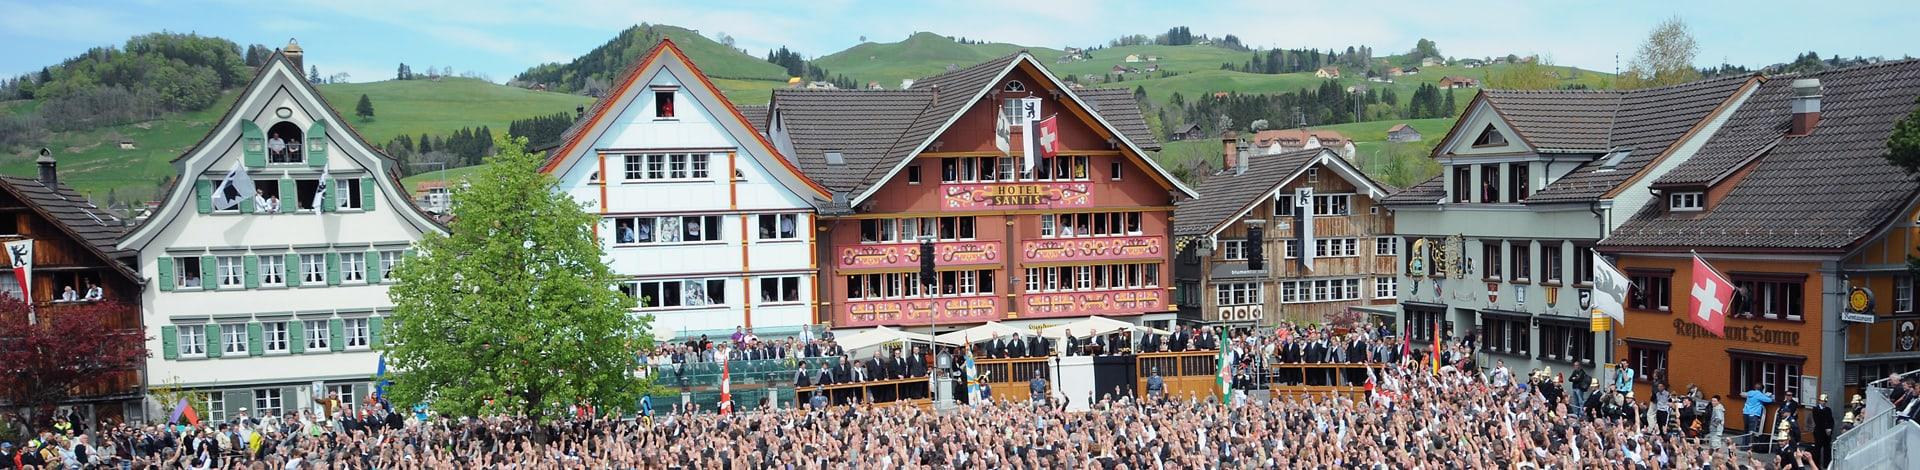 Volk auf Platz in Appenzell